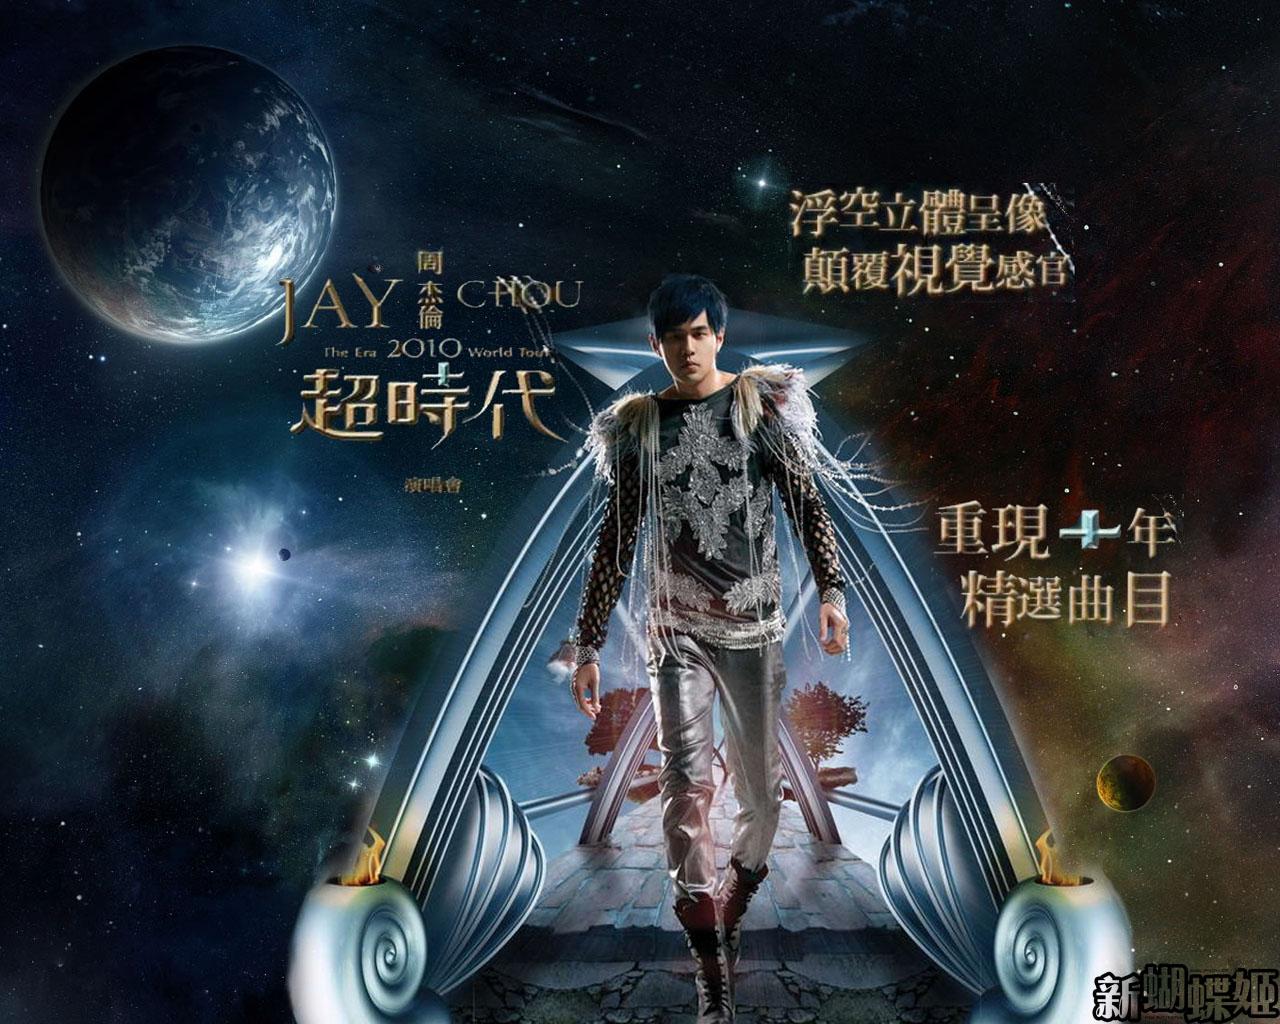 周杰伦2010 跨时代 北京 天津 演唱会图片